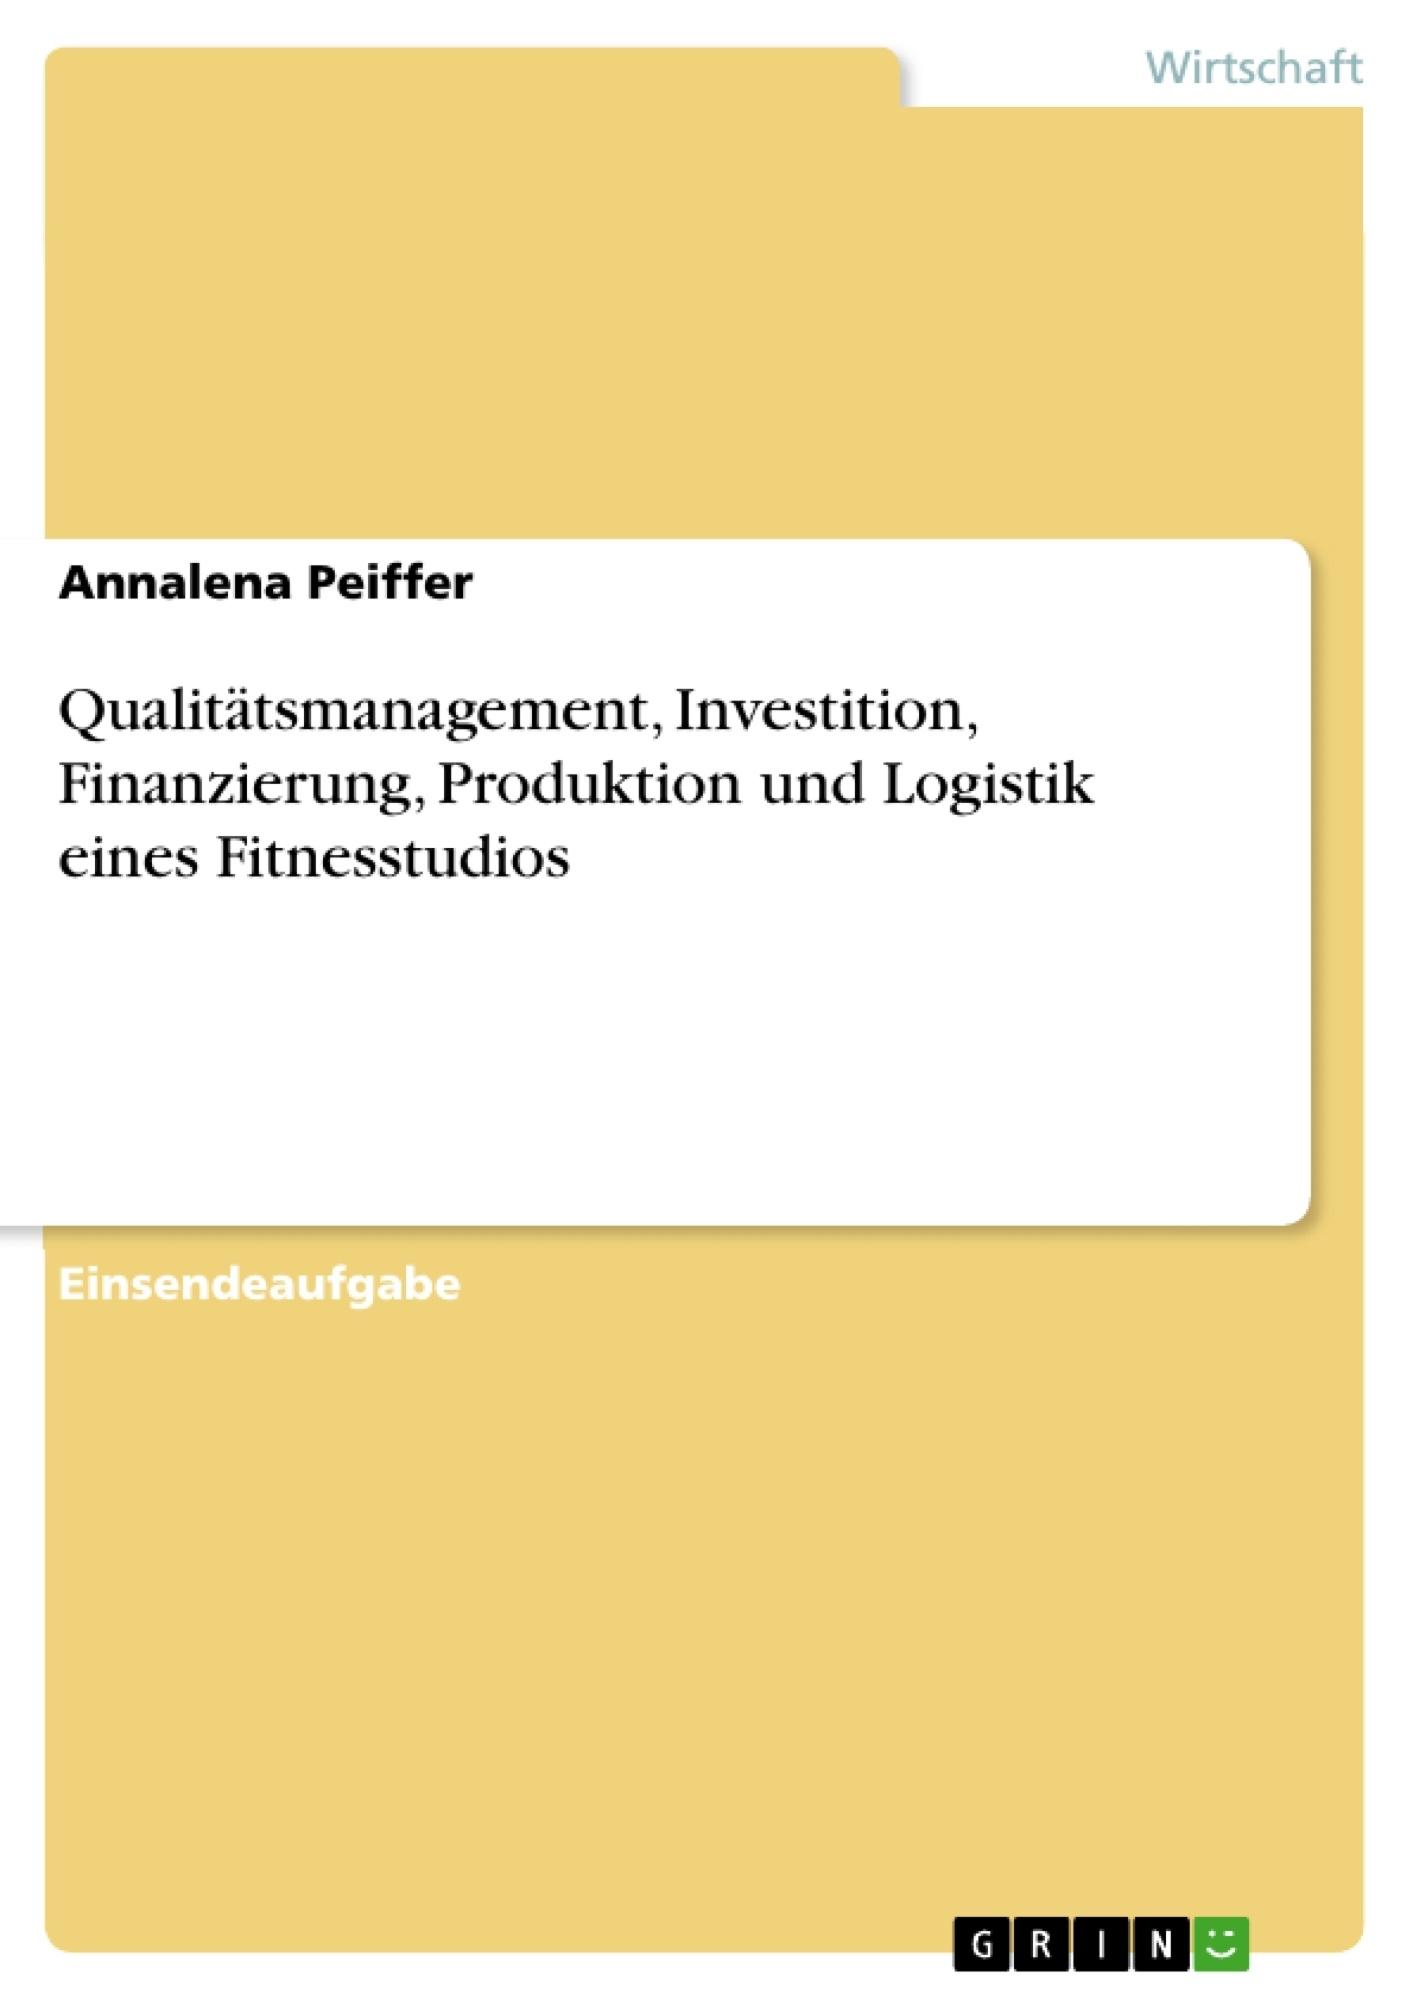 Titel: Qualitätsmanagement, Investition, Finanzierung, Produktion und Logistik eines Fitnesstudios